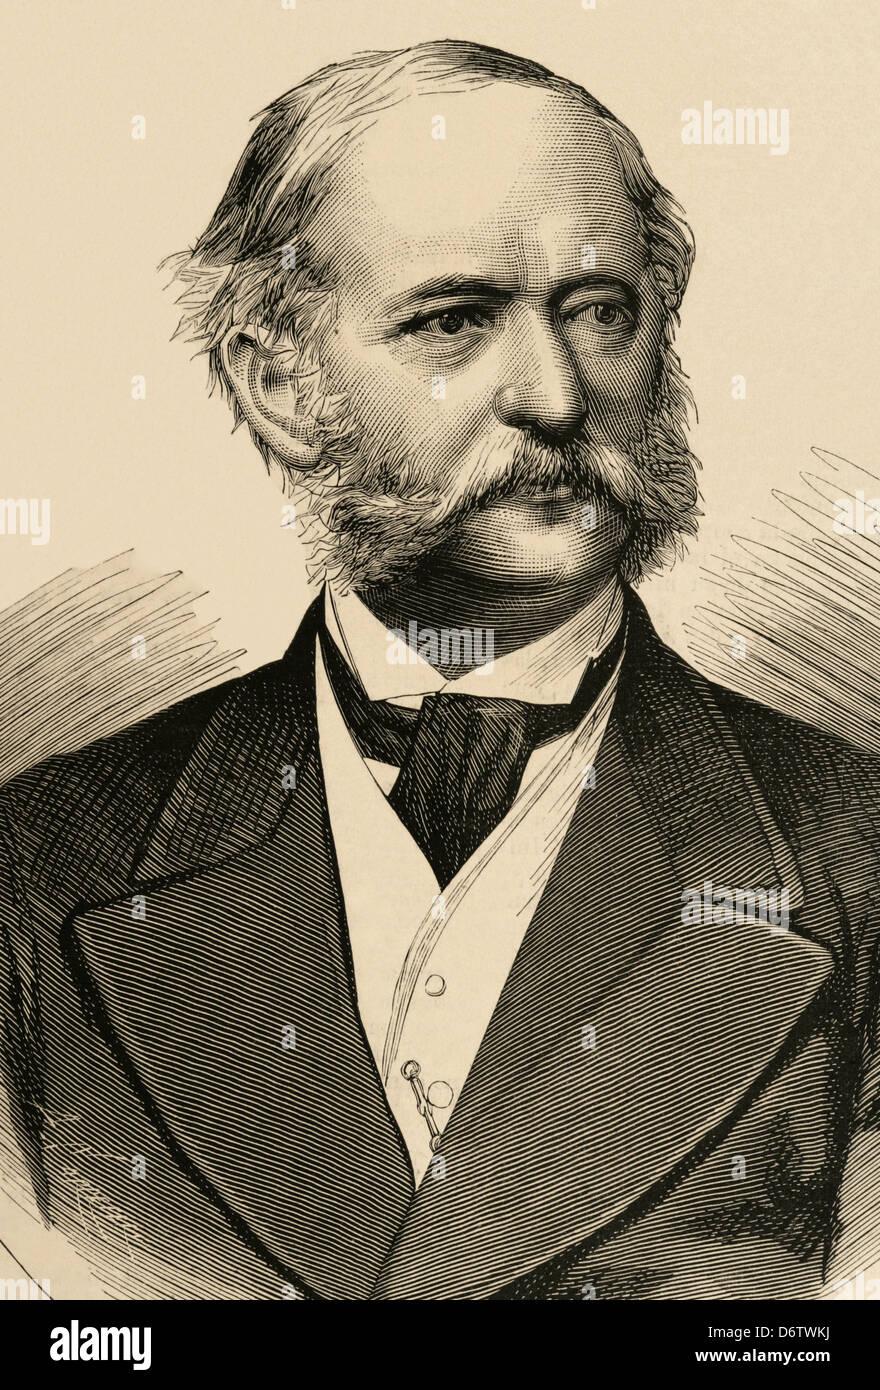 """El barón Heinrich Karl von Haymerle (1828-1881). Estadista austríaco. 'La Ilustración española y americana"""", 1879. Foto de stock"""